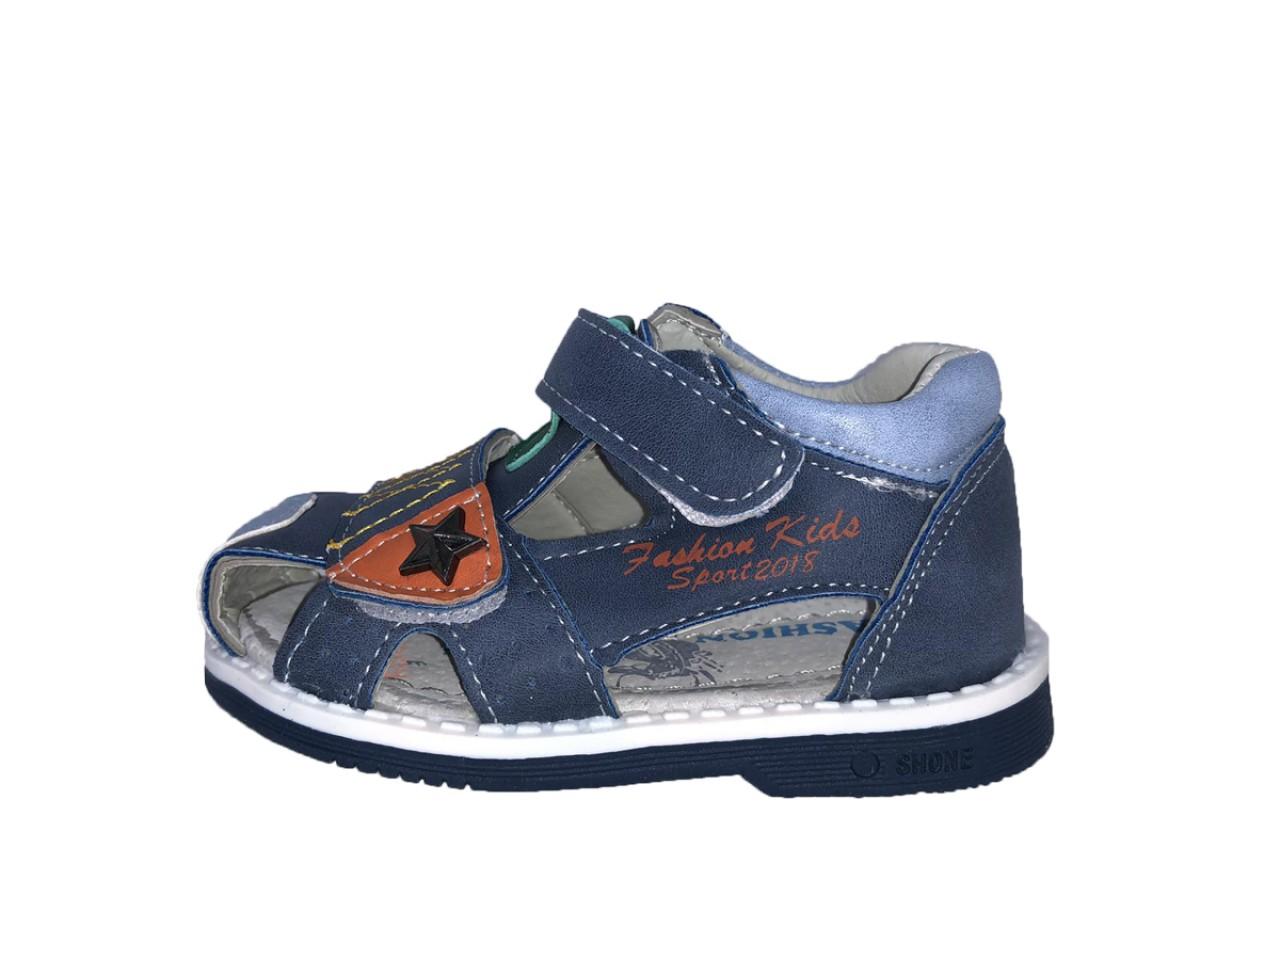 SUPYCOOL dětské sandály se suchým zipem bleděmodré pro chlapce 21-26